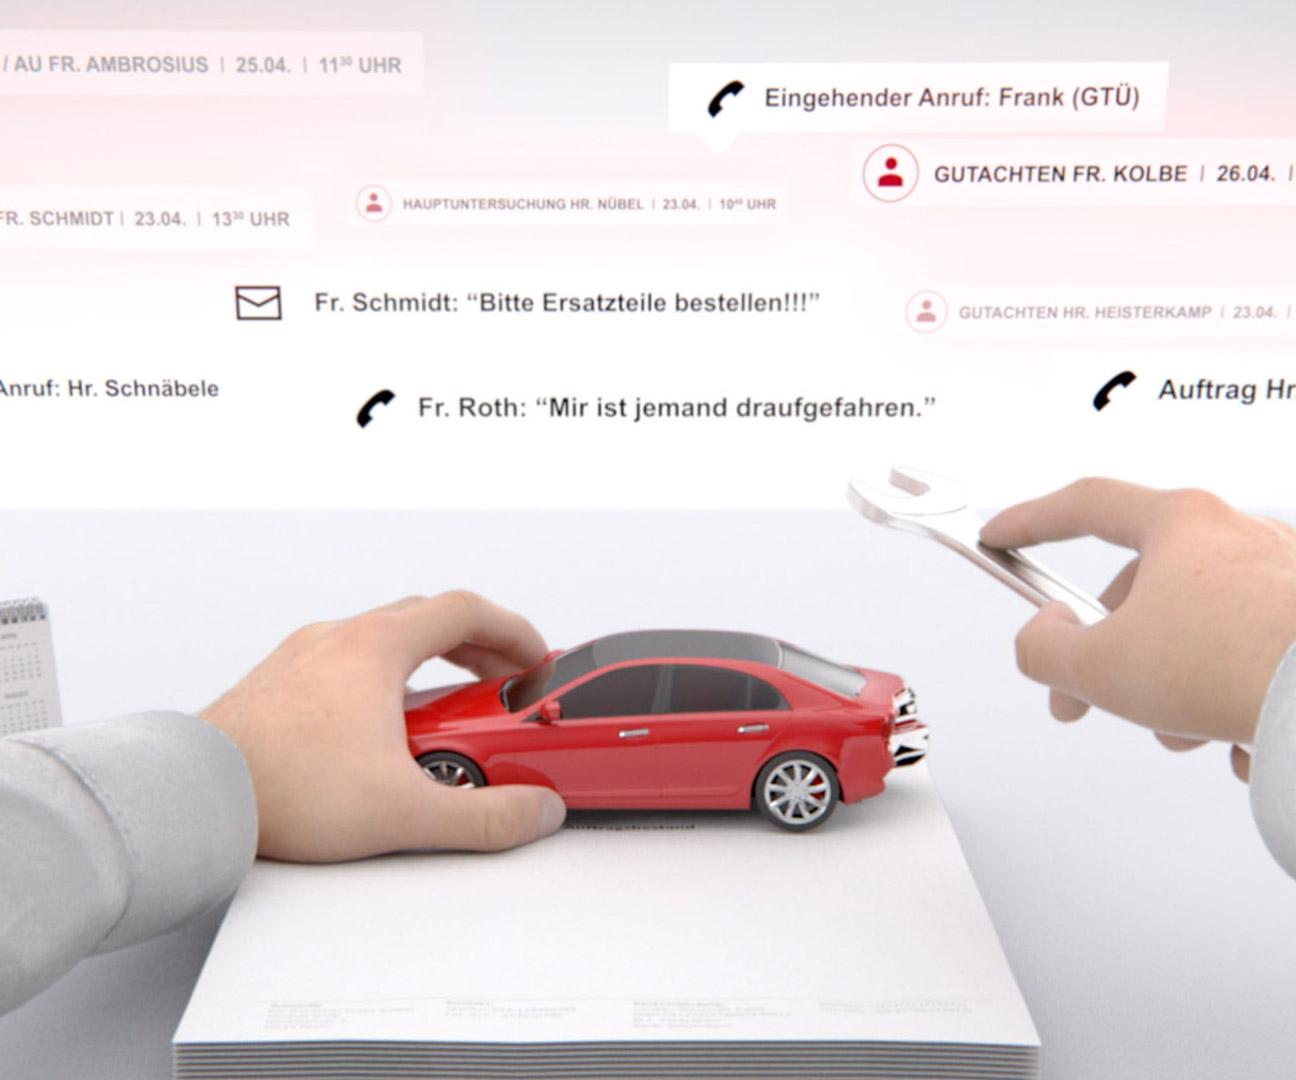 Ausschnitt aus GTÜ Hands Motion Capture - Hände halten Automodell